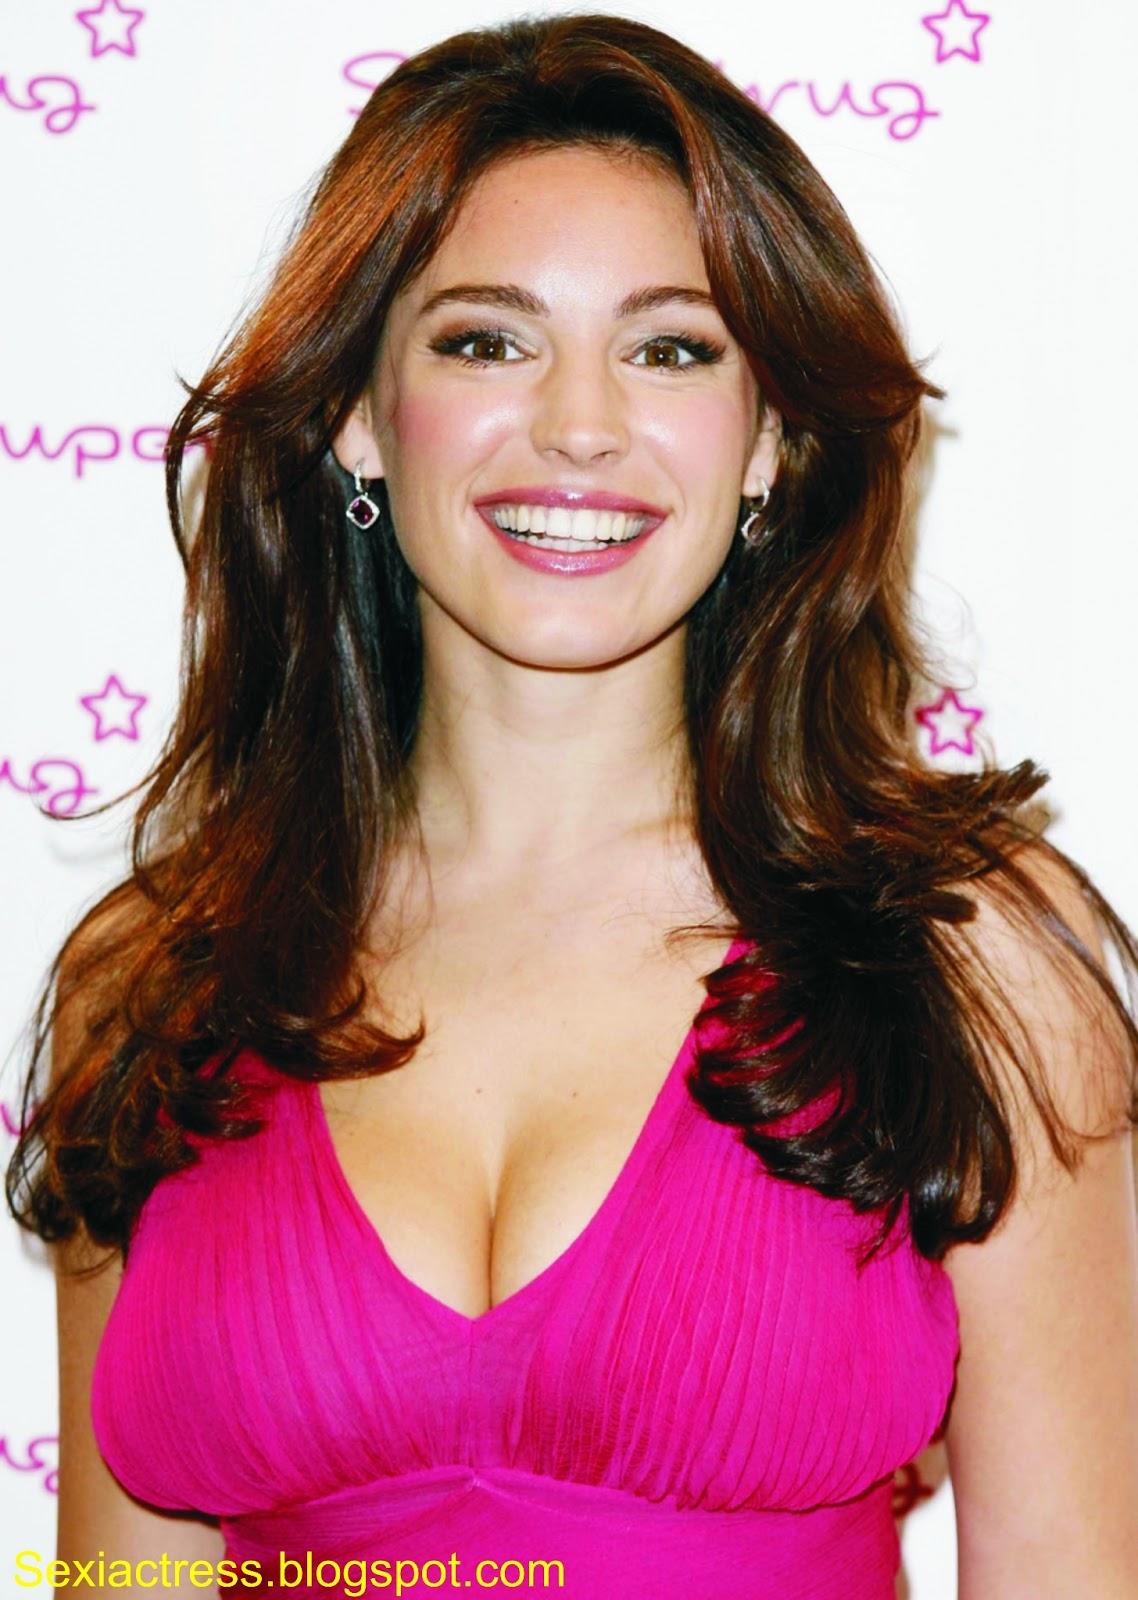 Sexi Actress: Top 10 Hollywood Actresses